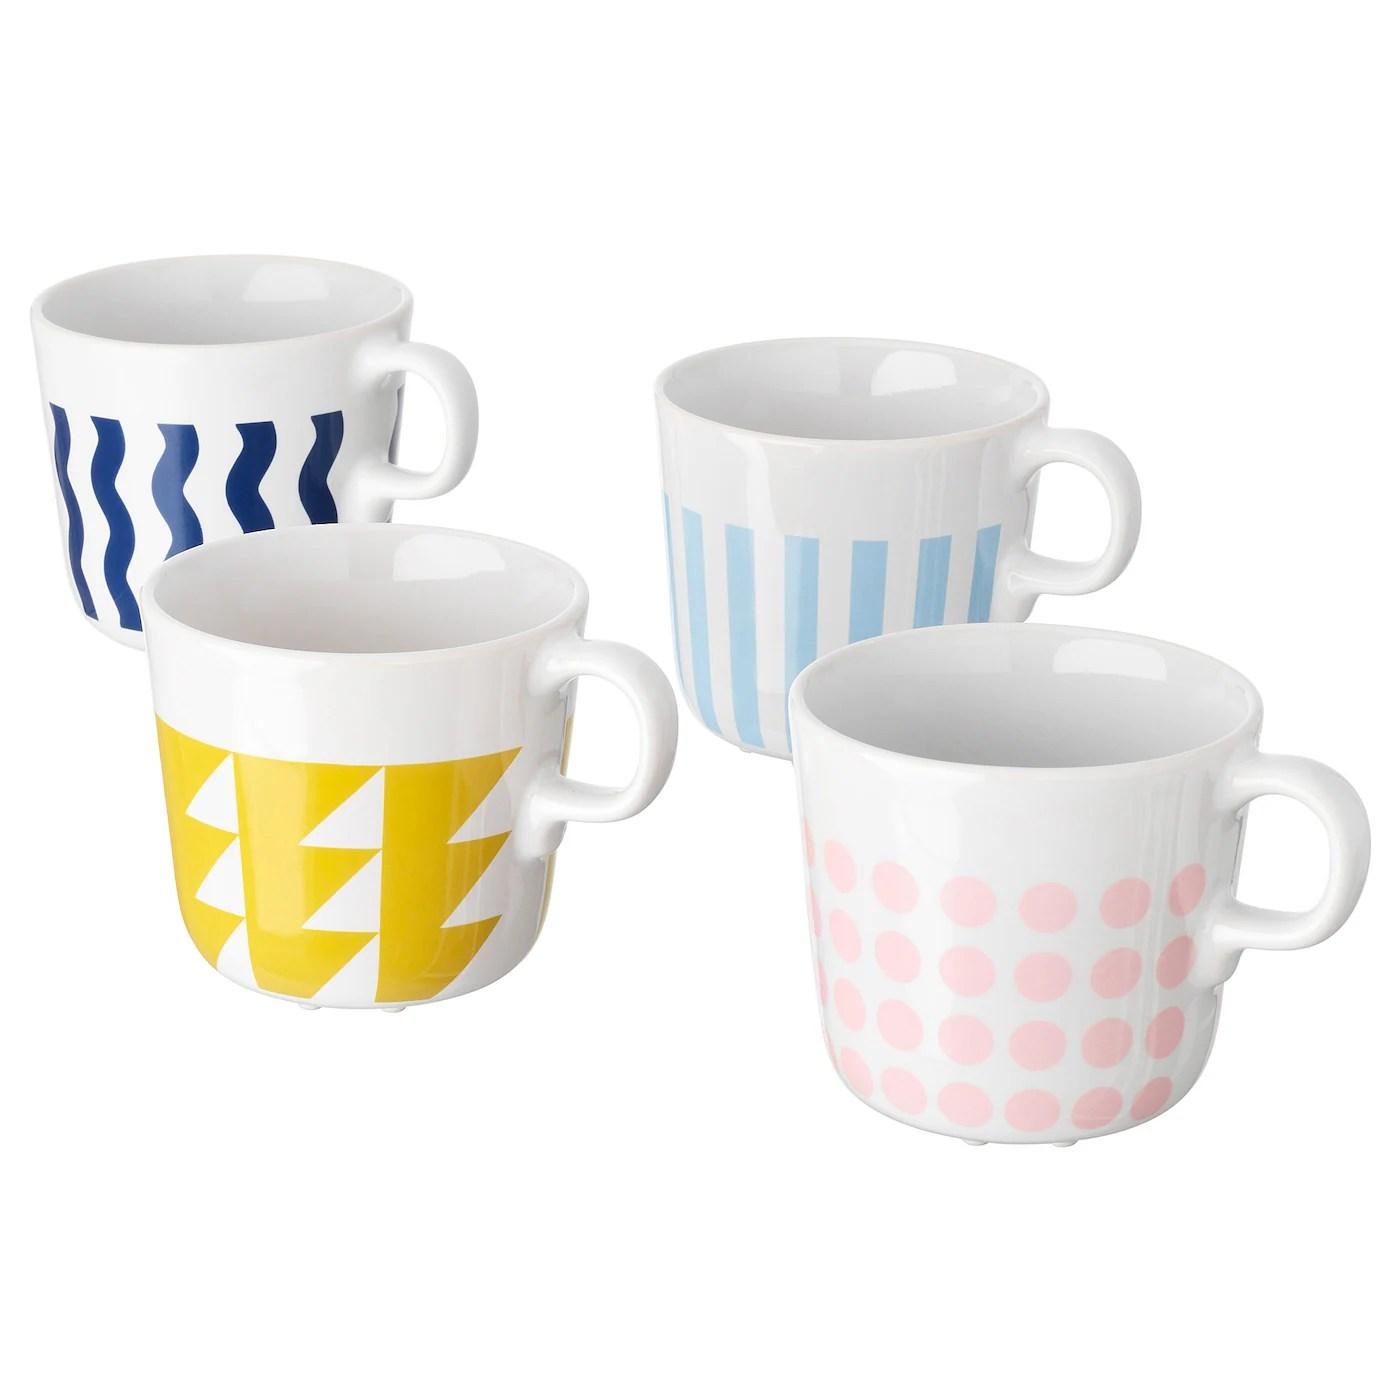 becher tassen kaffeegeschirr online